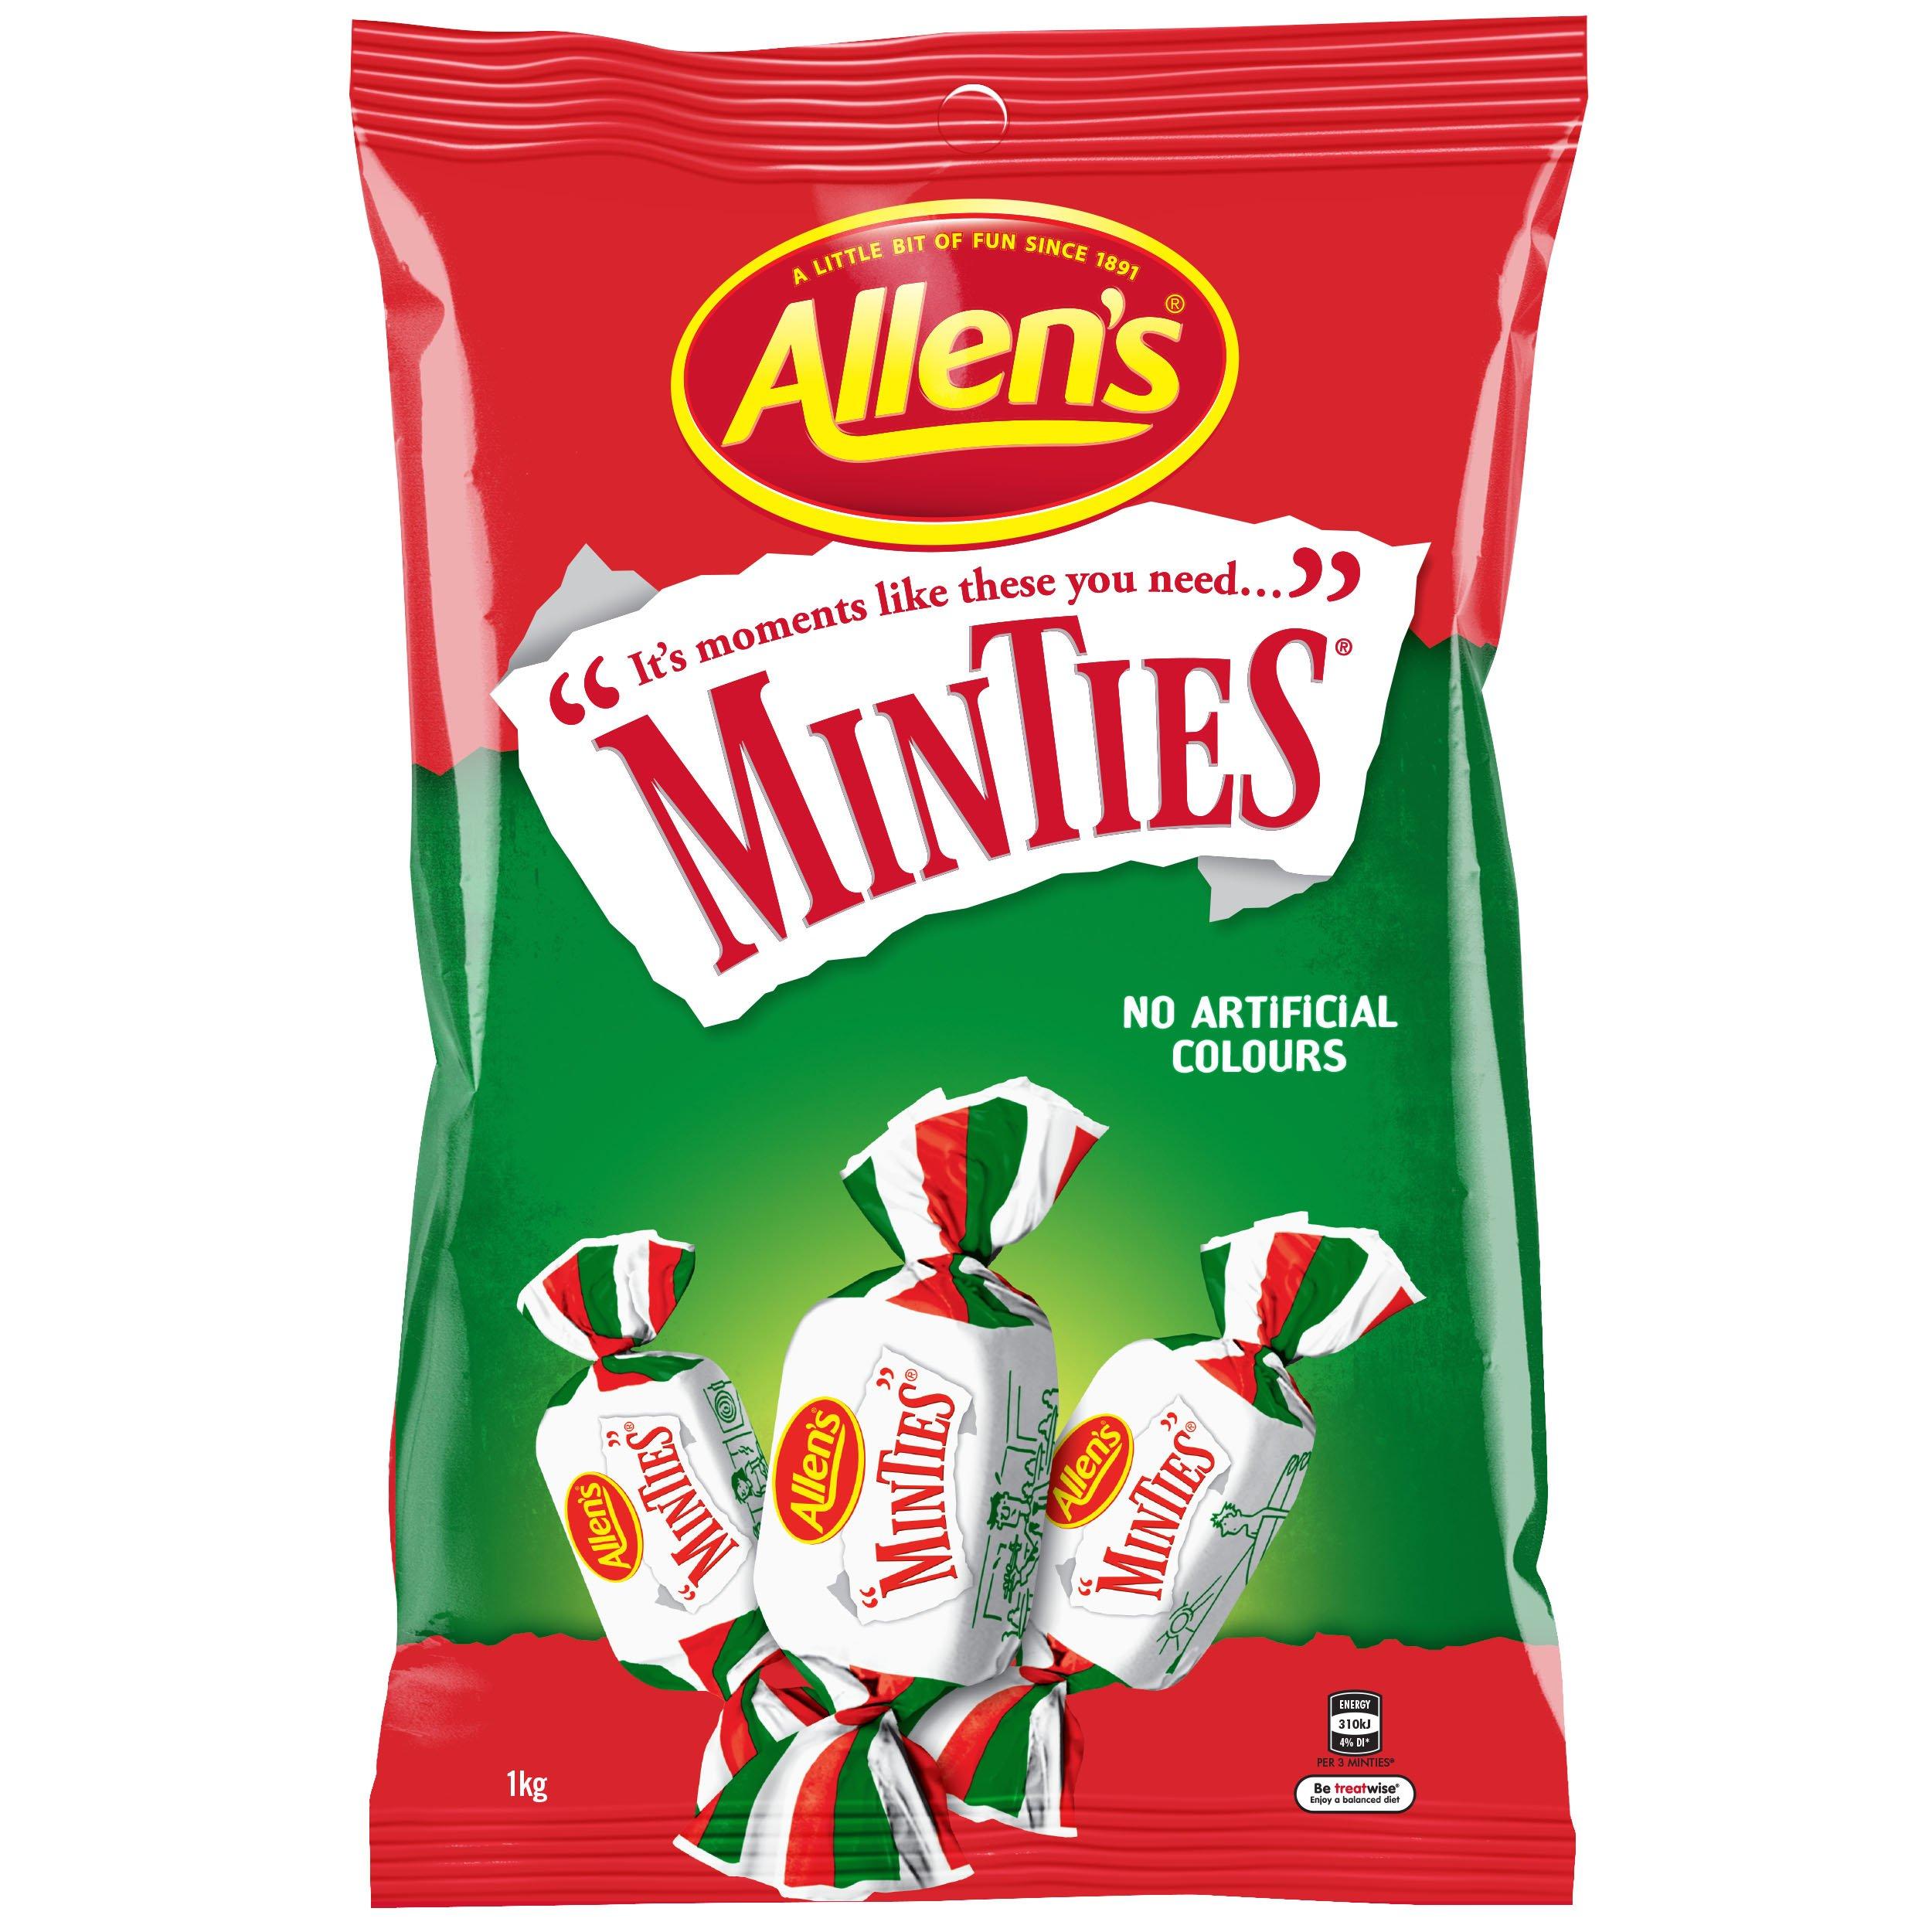 Allen's Minties Large Bag 1kg. - Australian